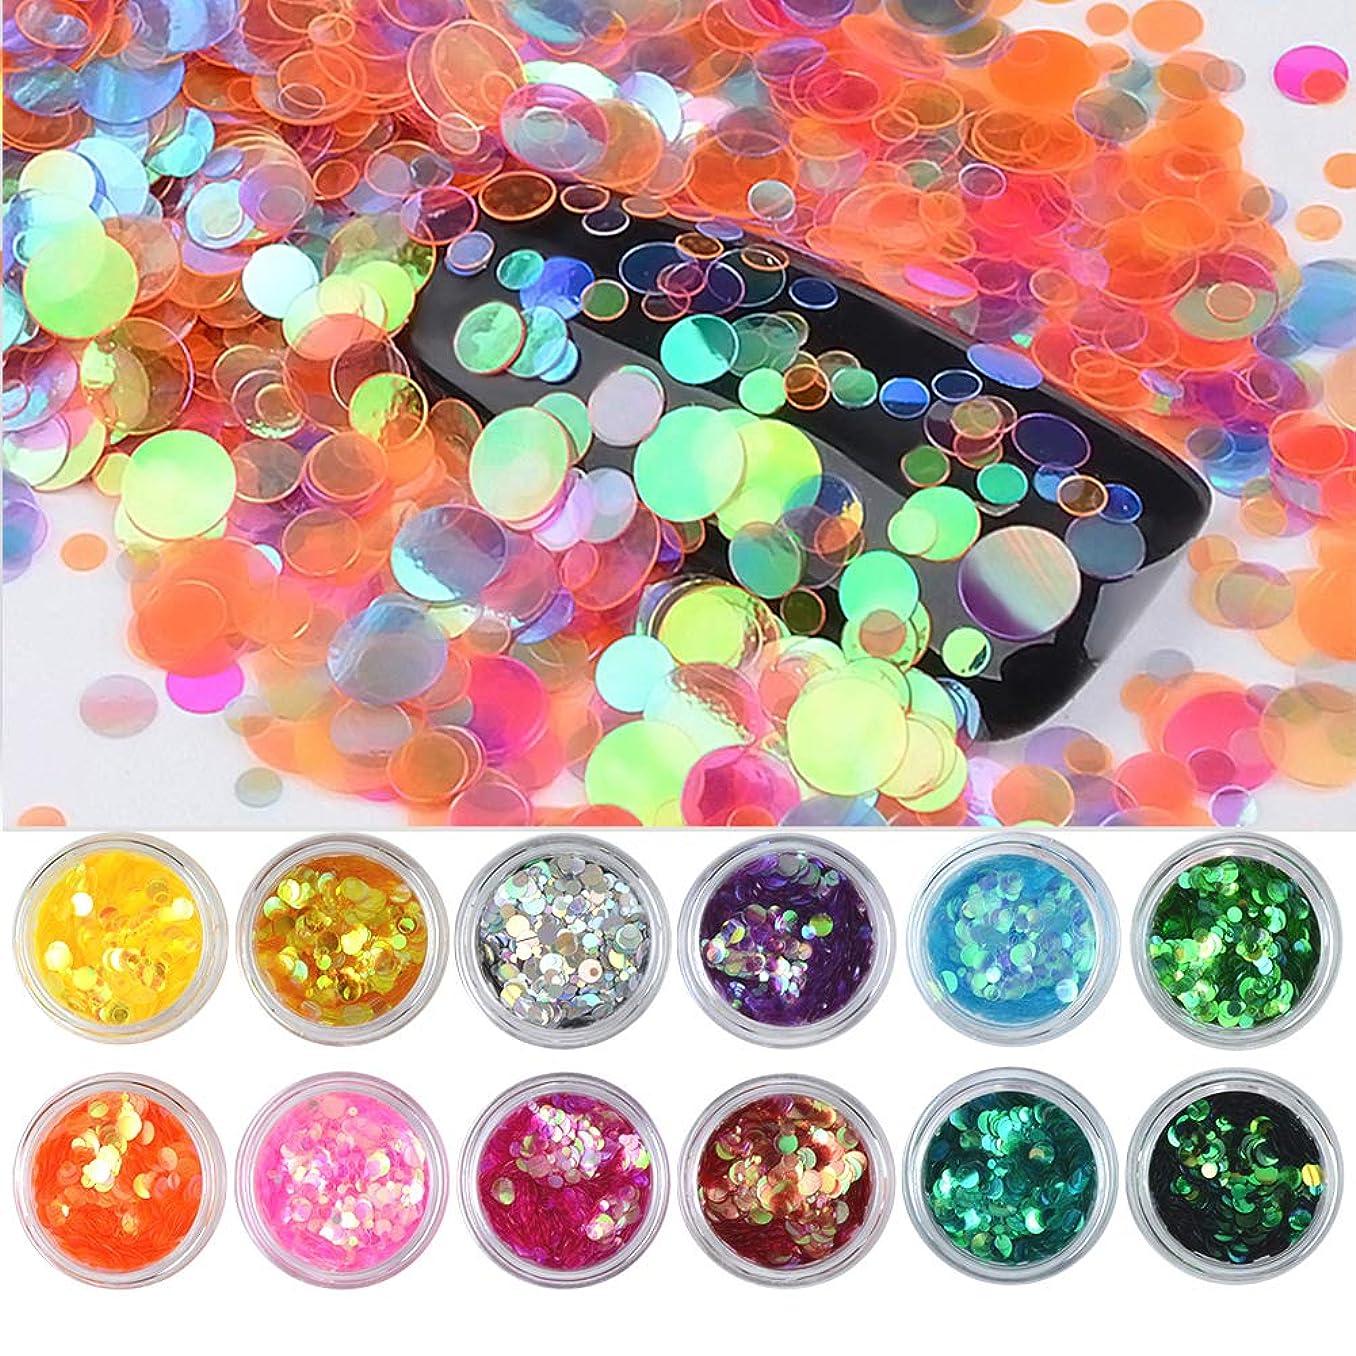 に勝る透過性身元メーリンドス ネイルデコレーションパーツ ミックスカラフルマーメイドスパンコール丸形 周りの光線により色が変わられて魅力的なパーツ 12種カラー 2mm/3mm/5mm入り ケース付け